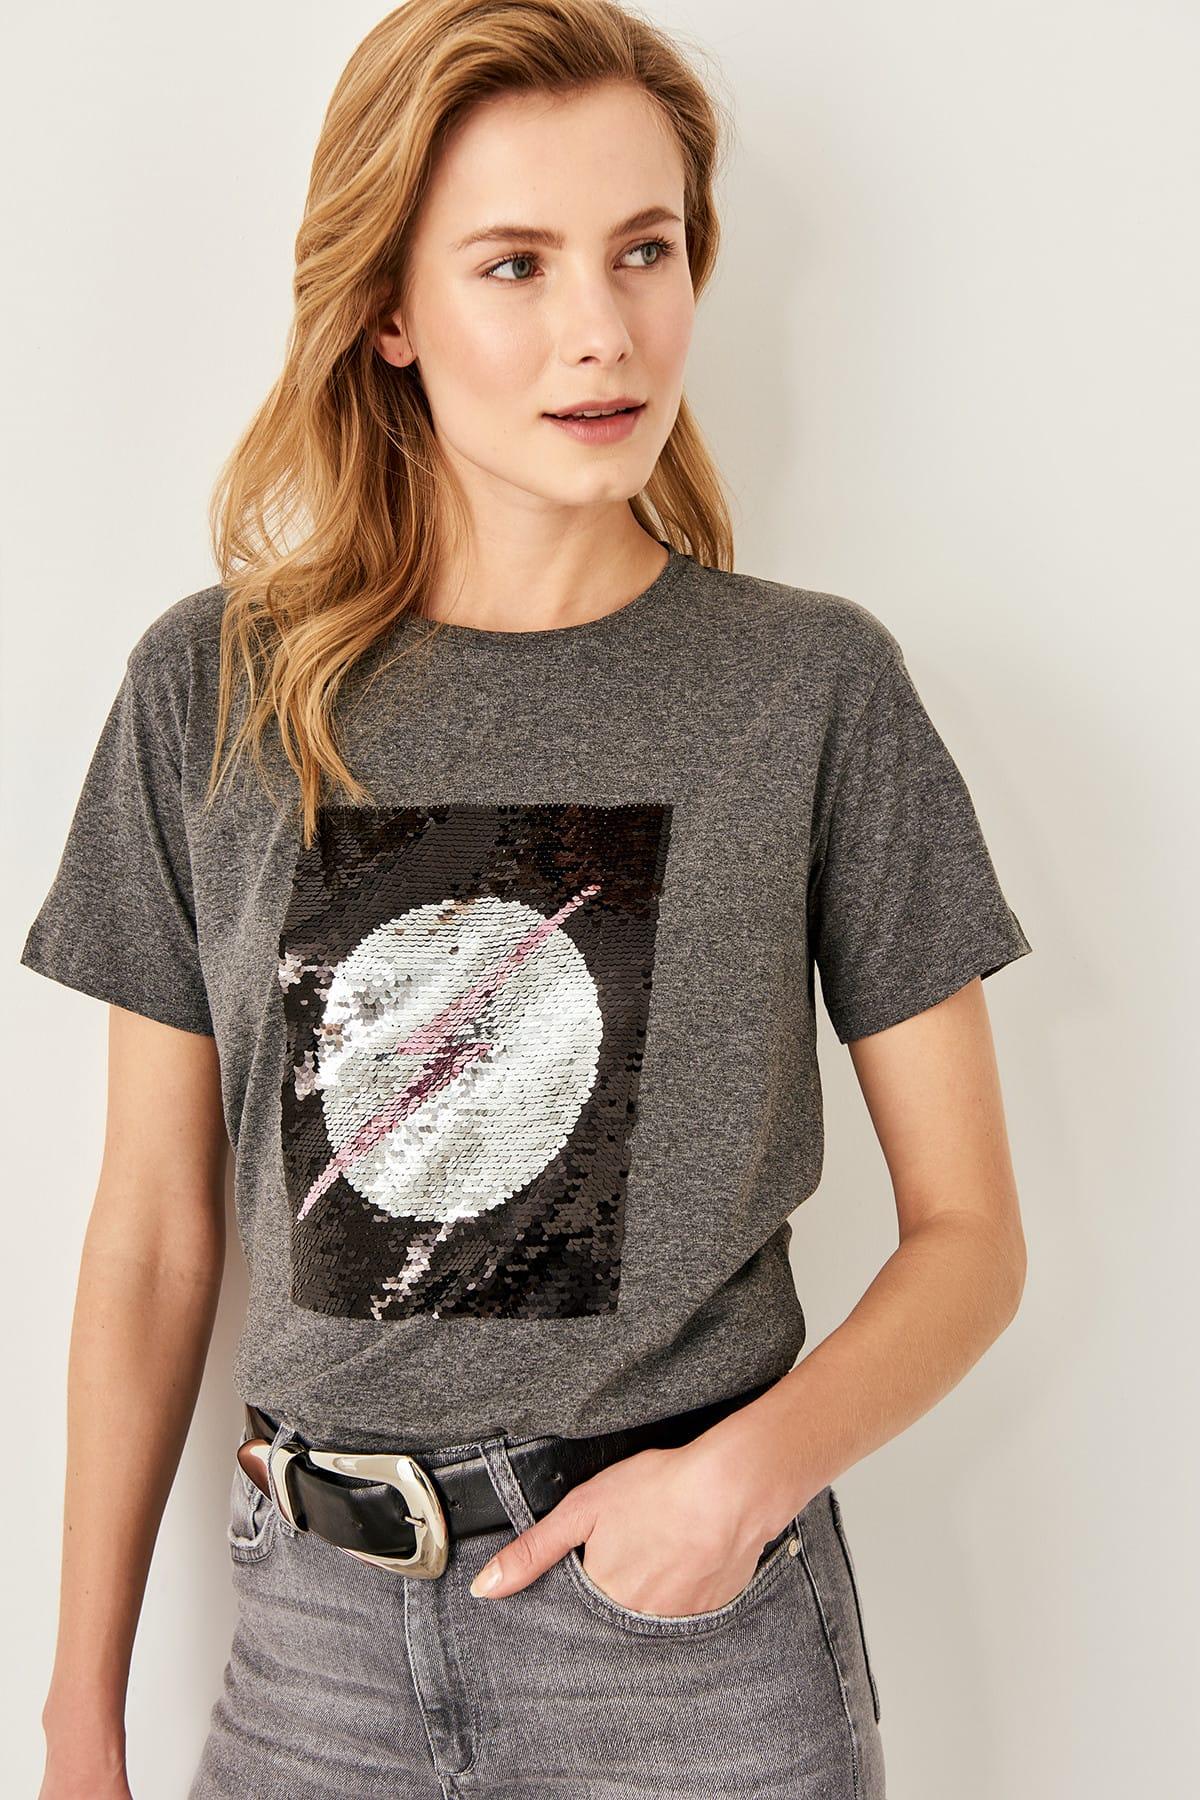 Trendyol Anthracite Sequin Basic Knitting t-shirt